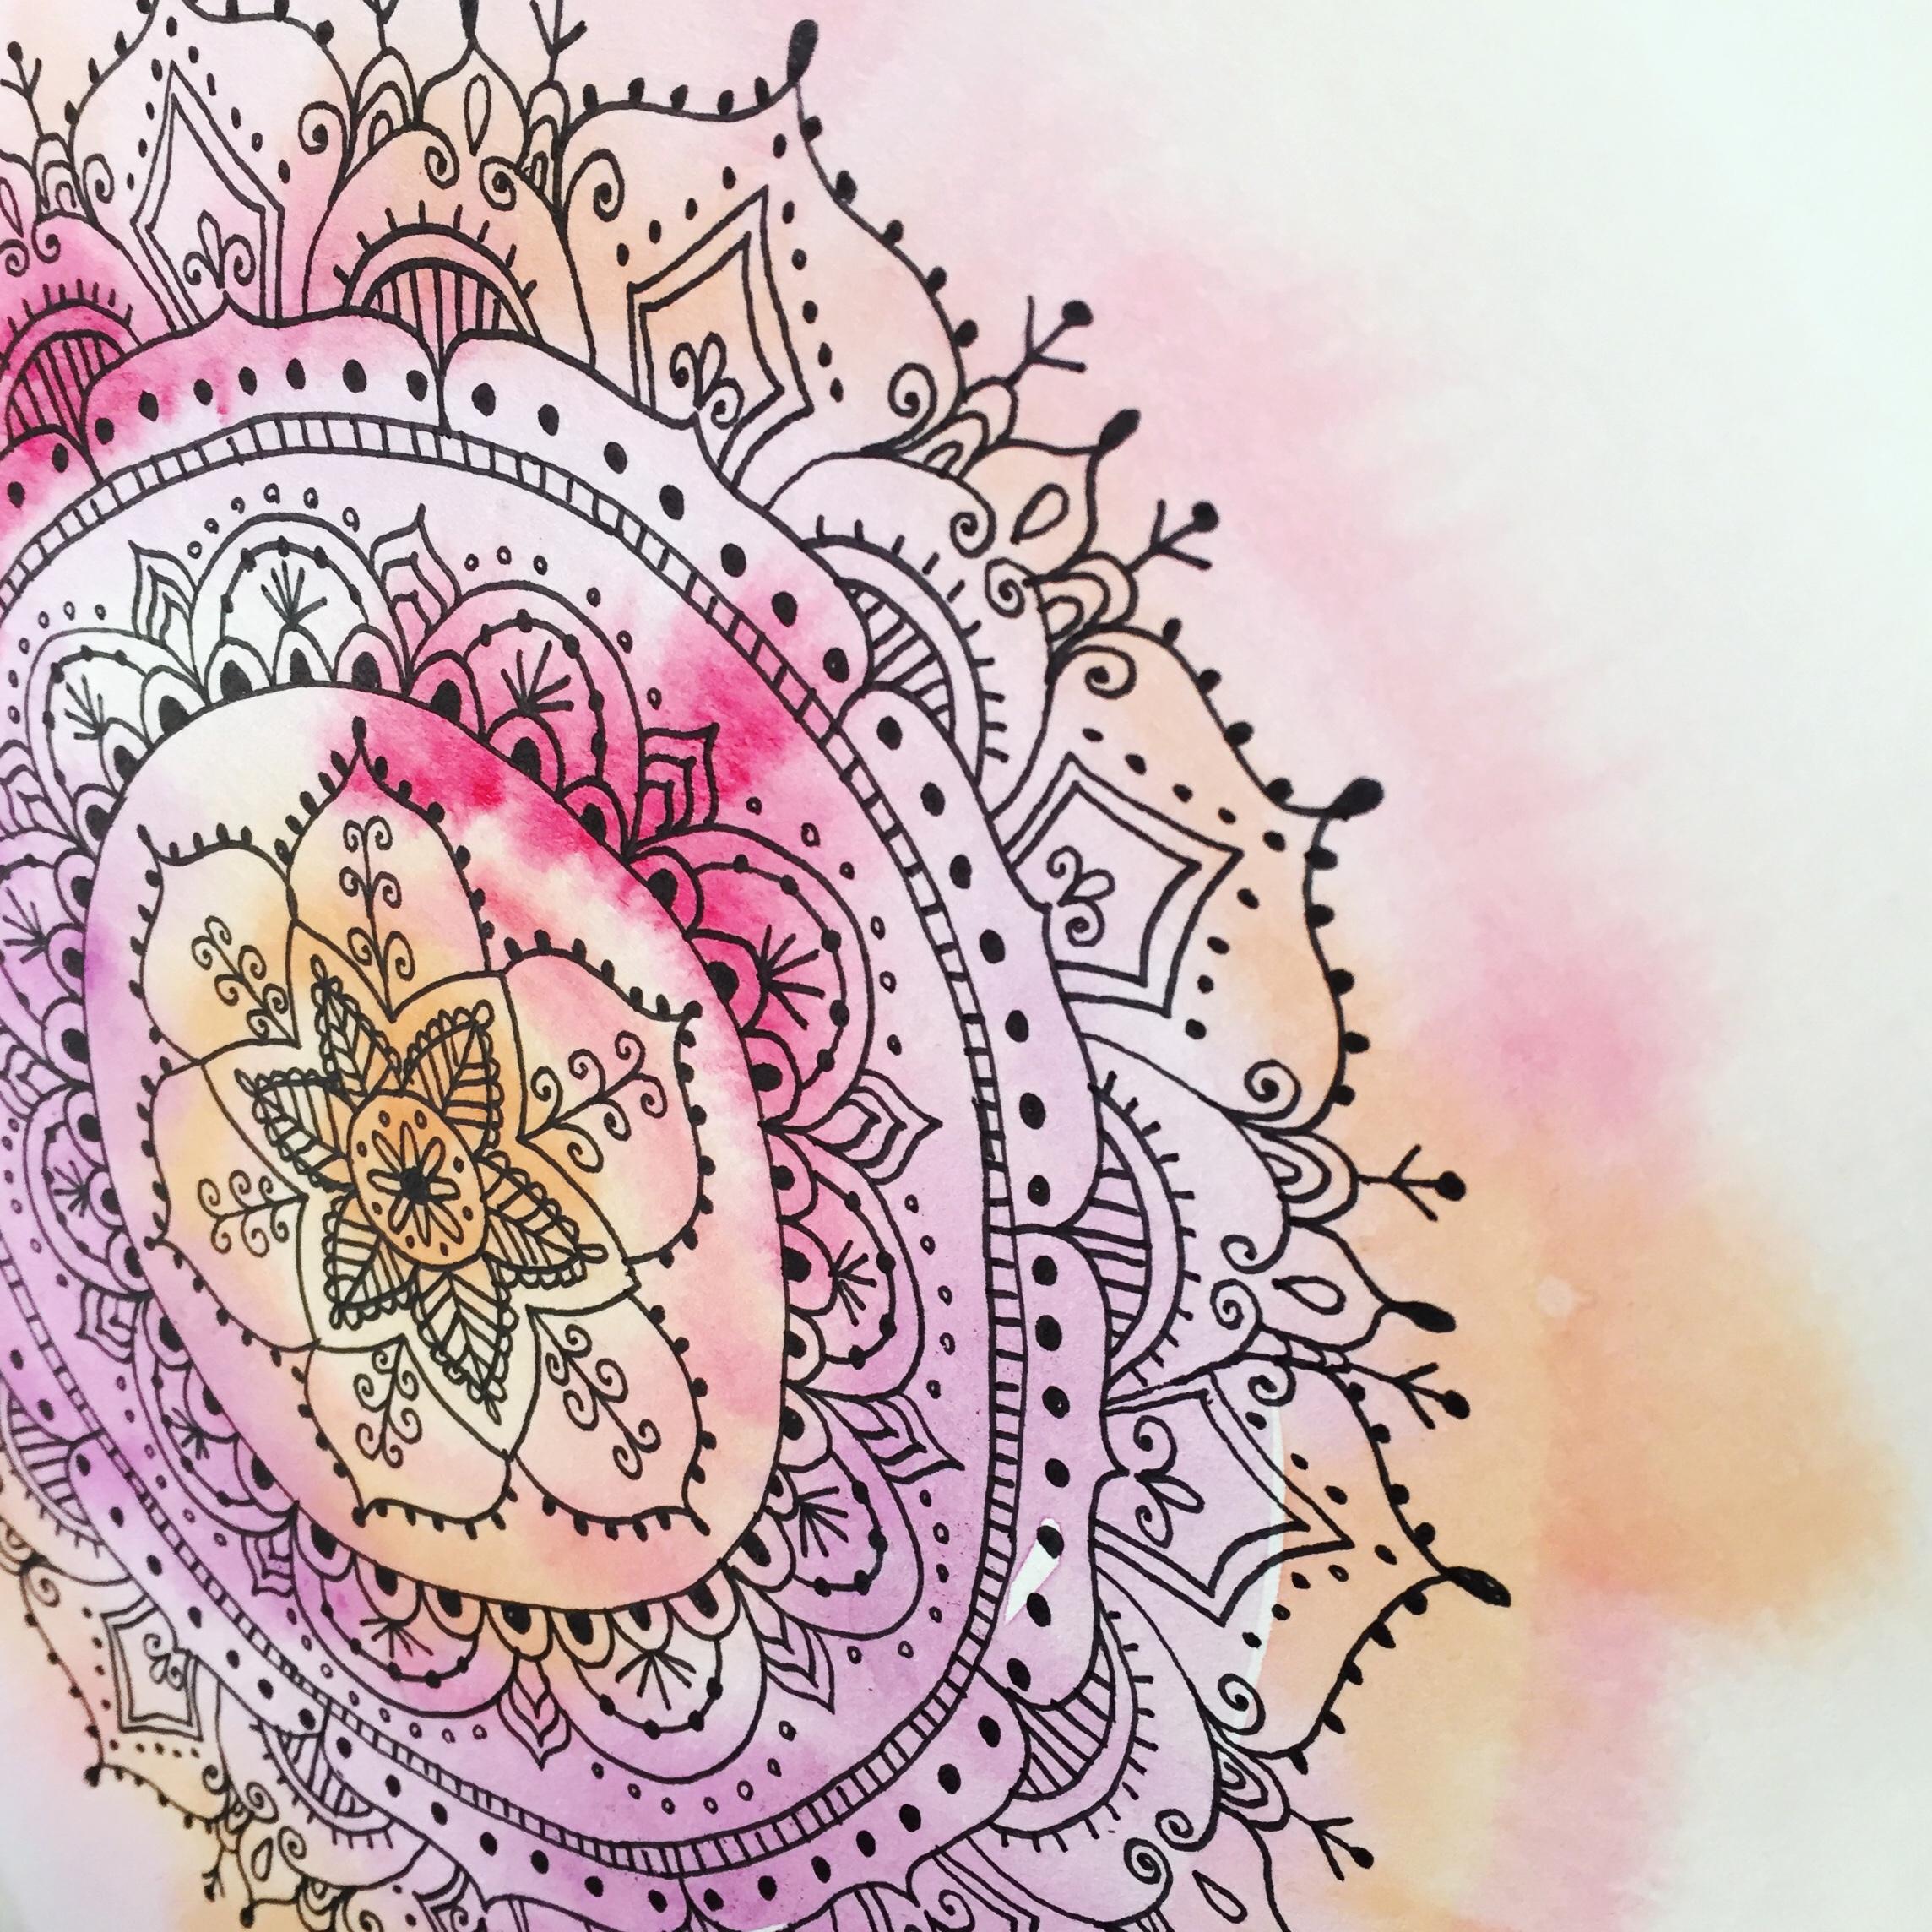 Yoga-Mandala-Art-Creativity-Watercolor.jpg